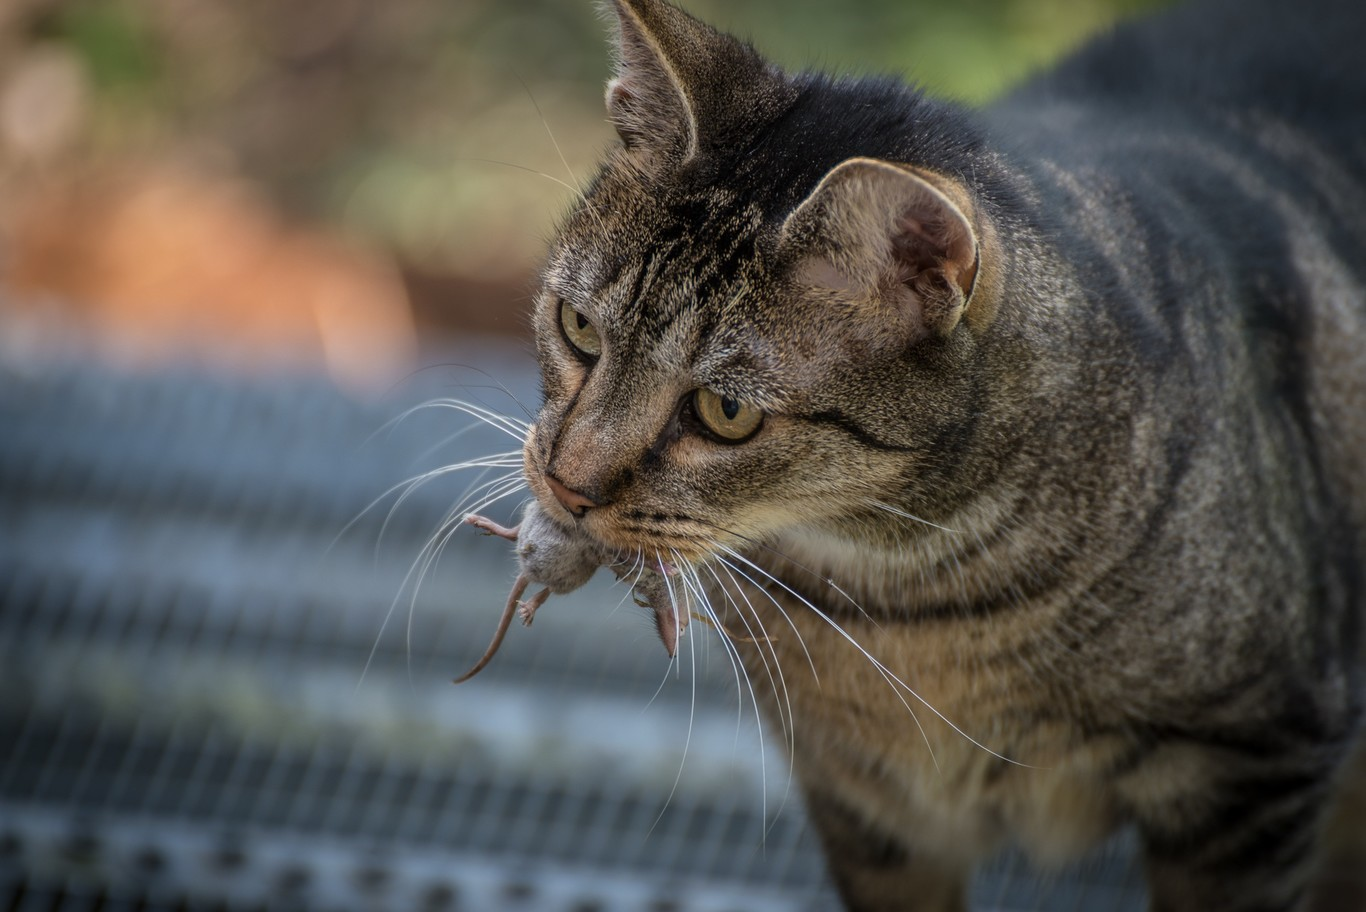 los gatos se enferman por comer ratones